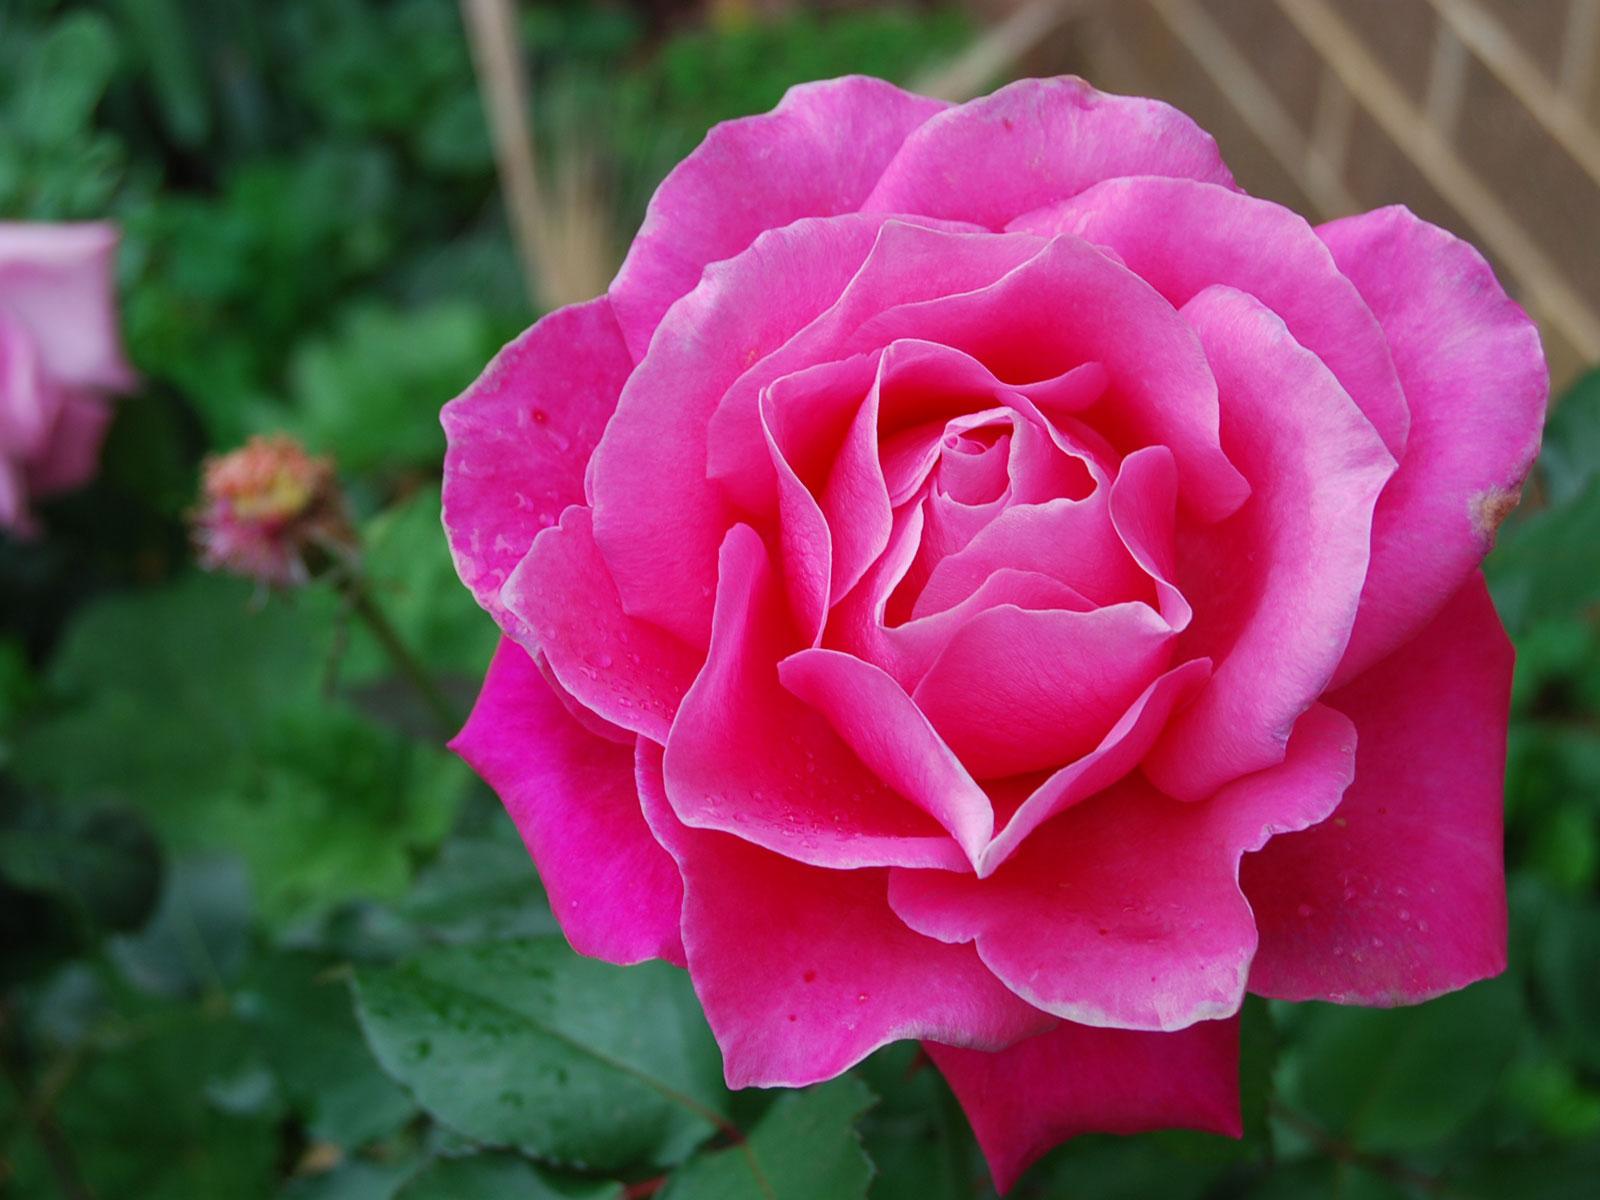 http://3.bp.blogspot.com/-hDi2MAIXI_0/TV37674rNDI/AAAAAAAAJCE/DoLEx75uiI0/s1600/pink%20rose%20wallpapers%20(6).jpg